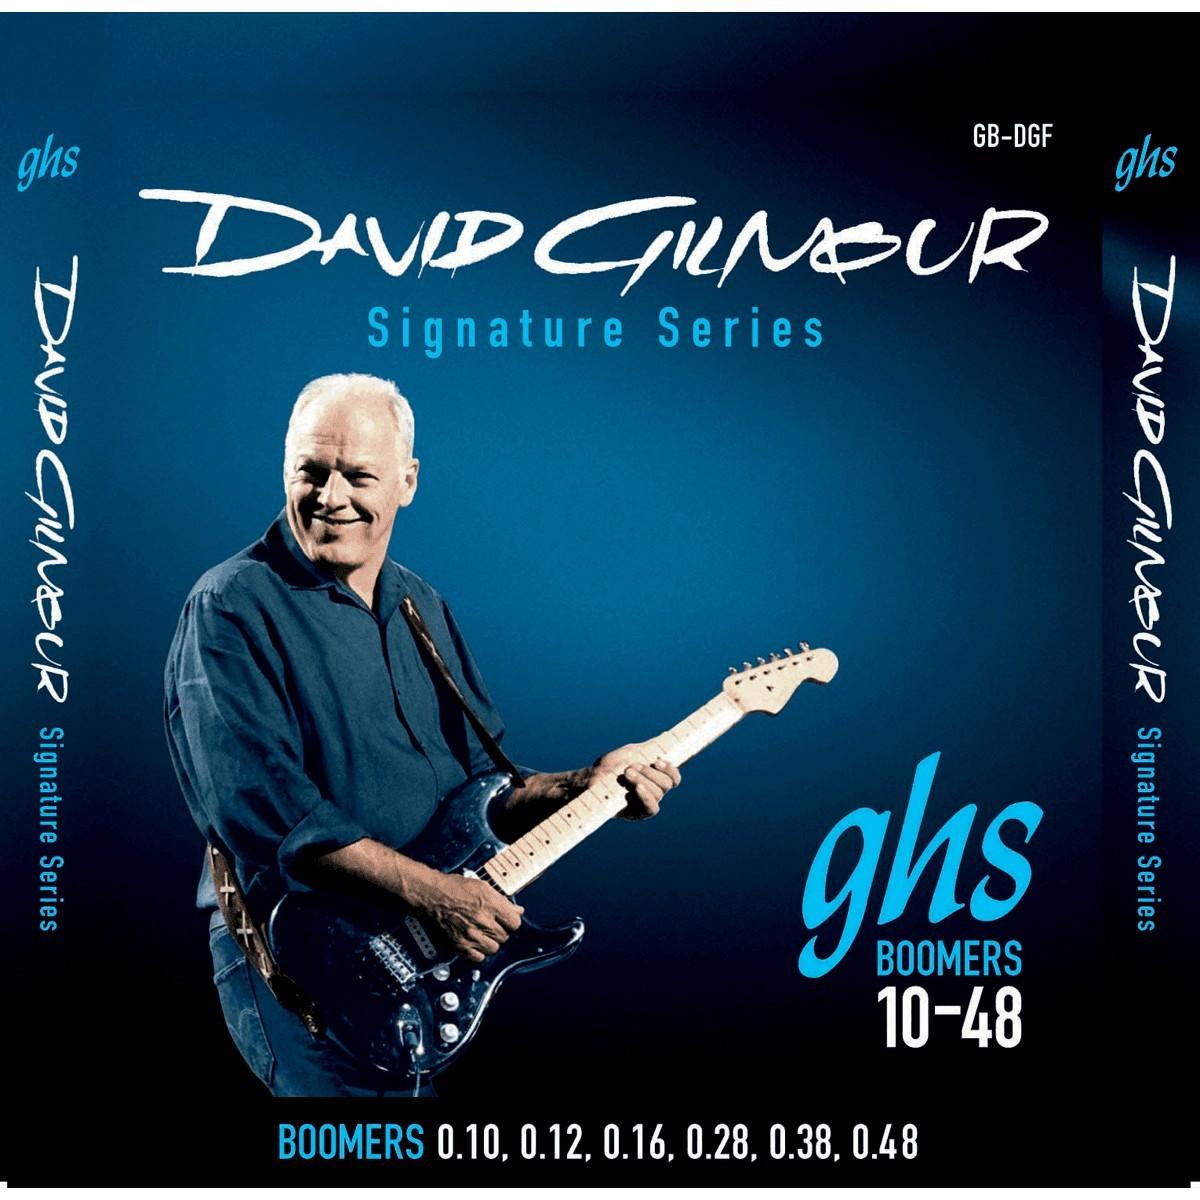 GHS Cordes Electriques Signature File Rond David Gilmour Bleu 10 48